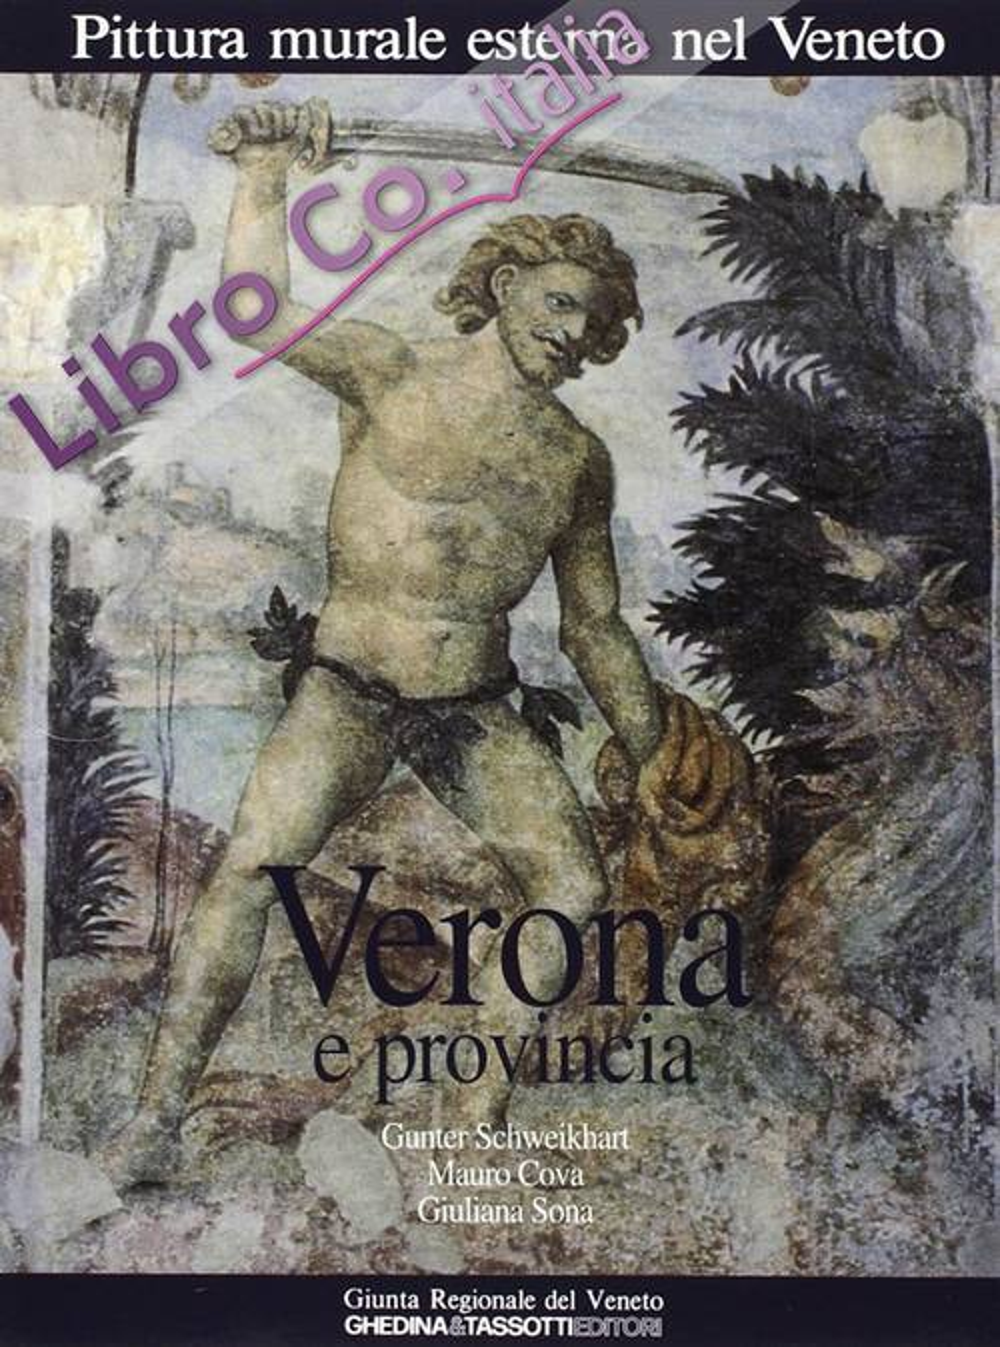 Pittura Murale Esterna nel Veneto. Vol. 3: Verona e Provincia.